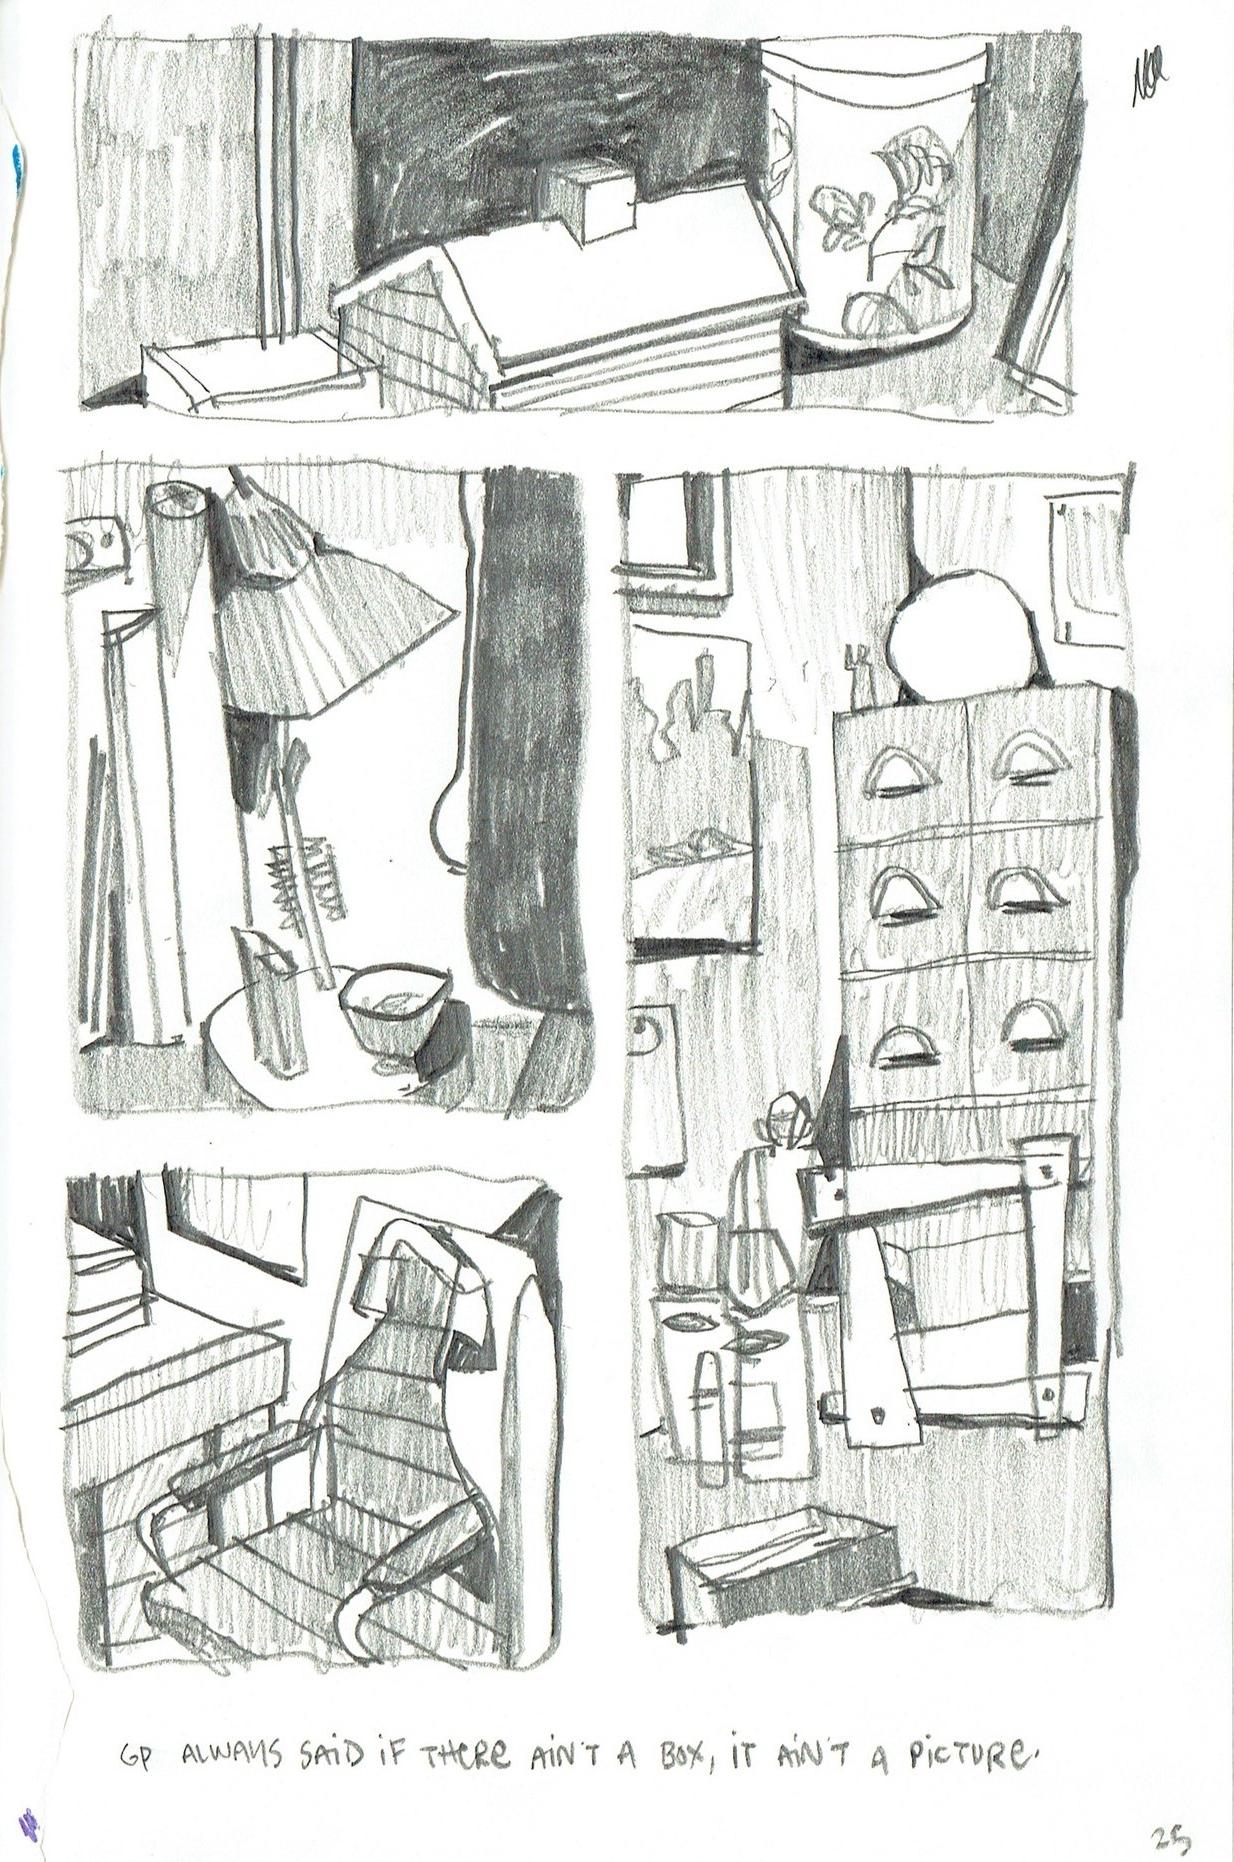 larsson sketchbook.jpeg